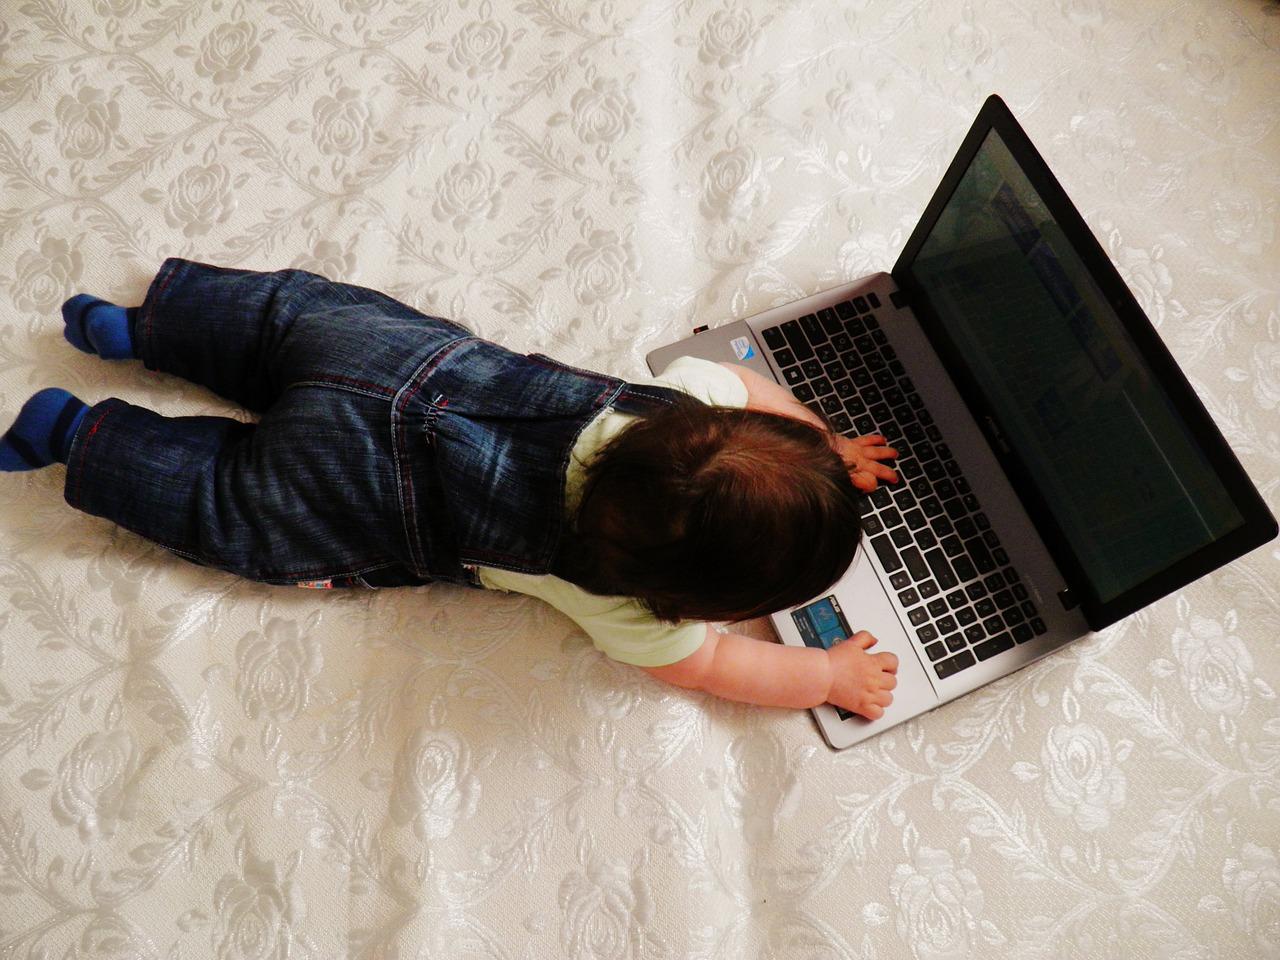 Les écrans sont-ils dangeureux pour les bébés ?